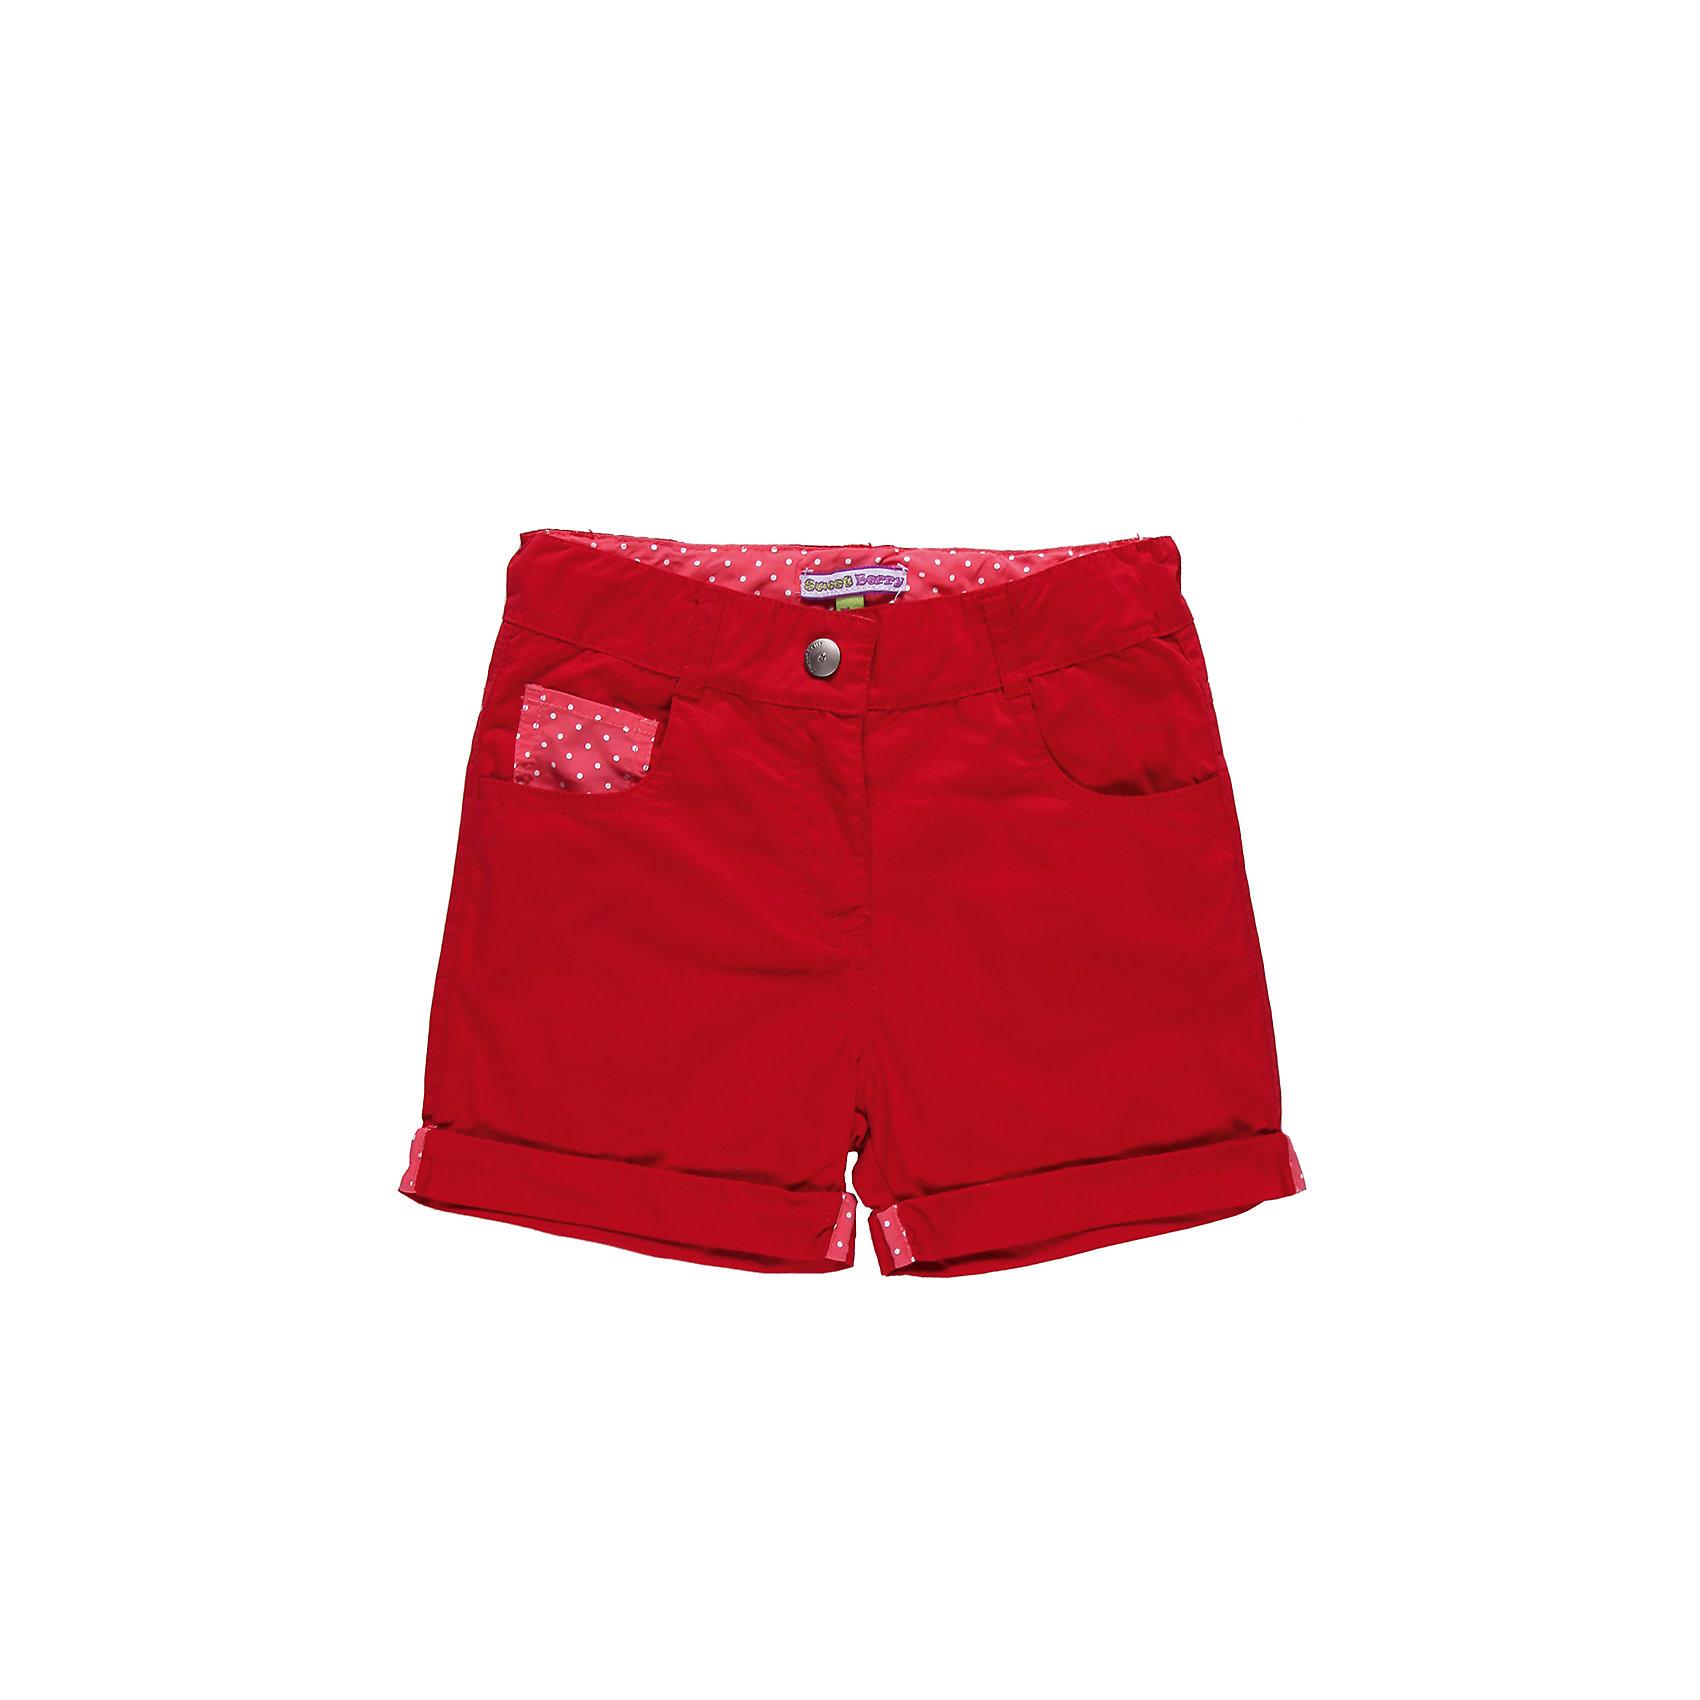 Шорты для девочки Sweet BerryШорты, бриджи, капри<br>Шорты текстильные на девочку.  Четыре функциональных кармана, пояс регулируется внутренней резинкой.<br>Состав:<br>100% хлопок<br><br>Ширина мм: 191<br>Глубина мм: 10<br>Высота мм: 175<br>Вес г: 273<br>Цвет: красный<br>Возраст от месяцев: 72<br>Возраст до месяцев: 84<br>Пол: Женский<br>Возраст: Детский<br>Размер: 122,116,104,110,128,98<br>SKU: 4521346